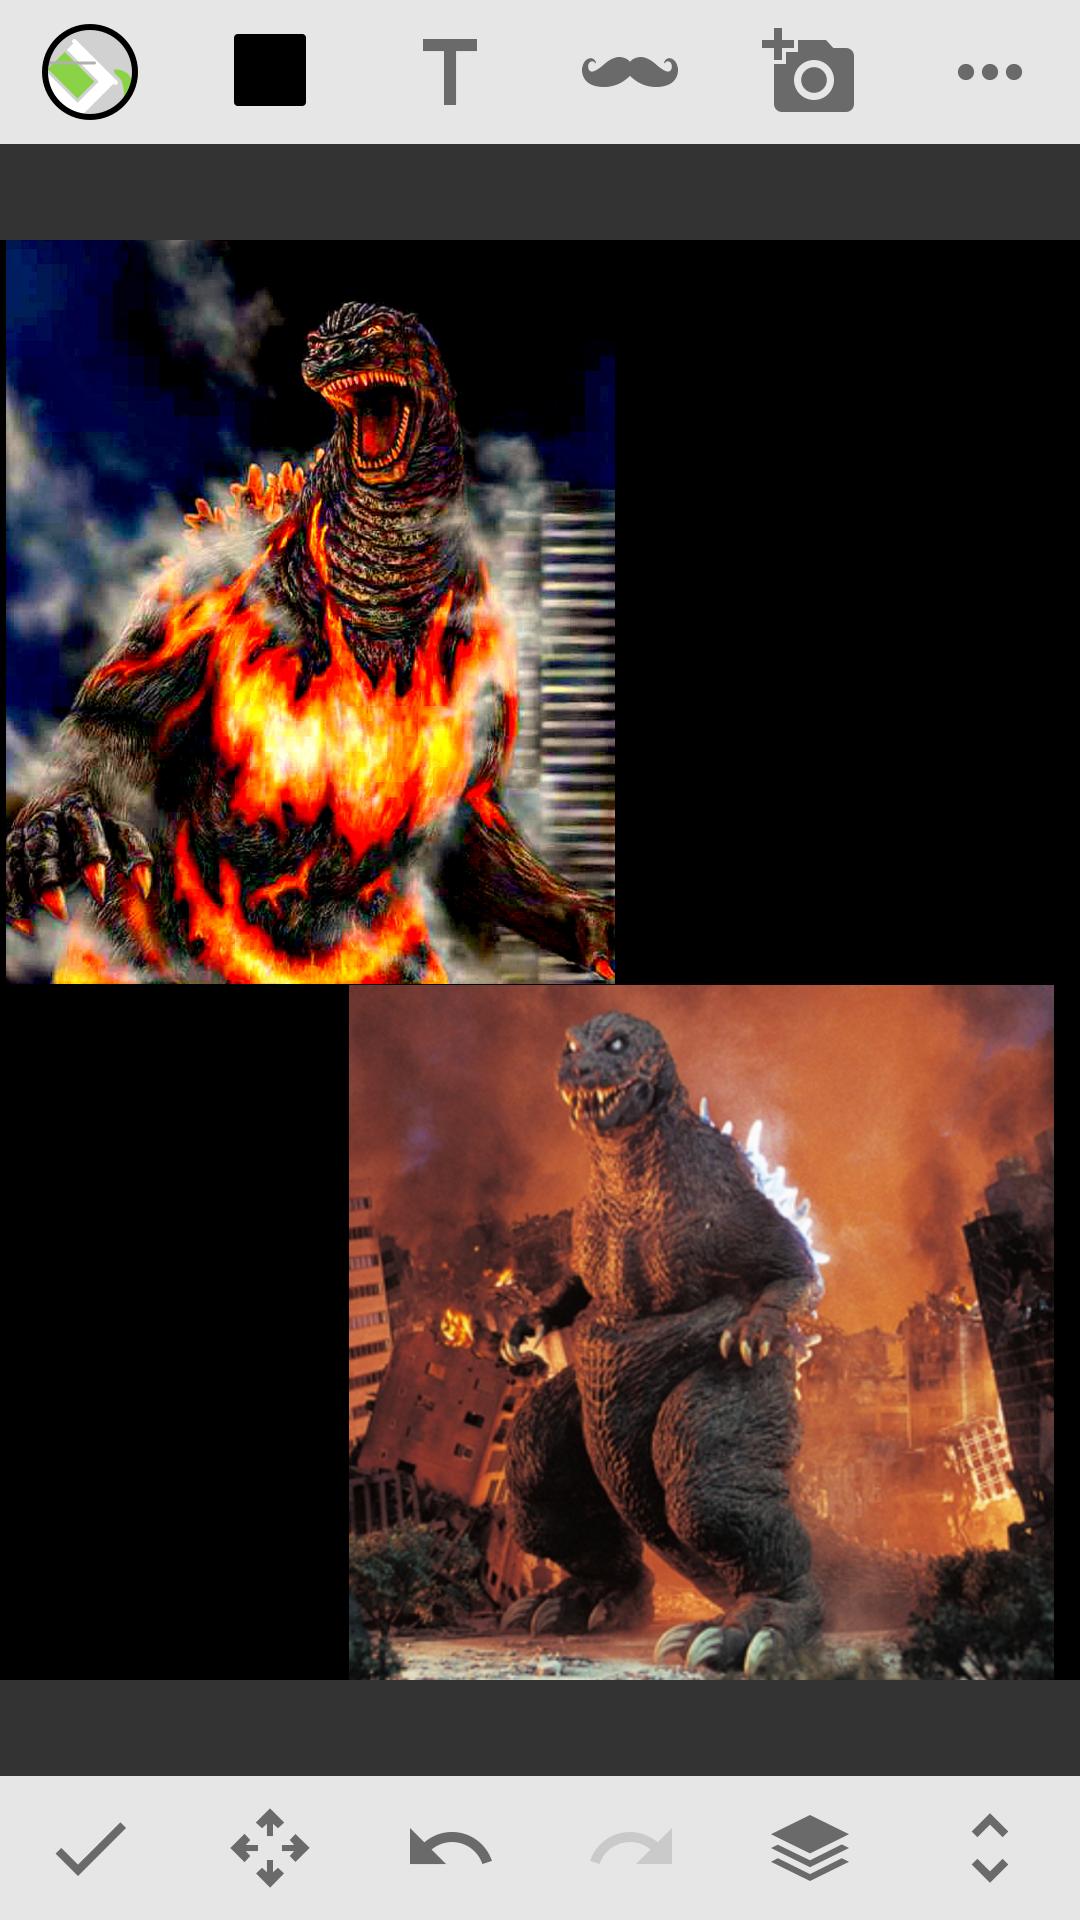 Burning Godzilla Vs GMK Godzilla